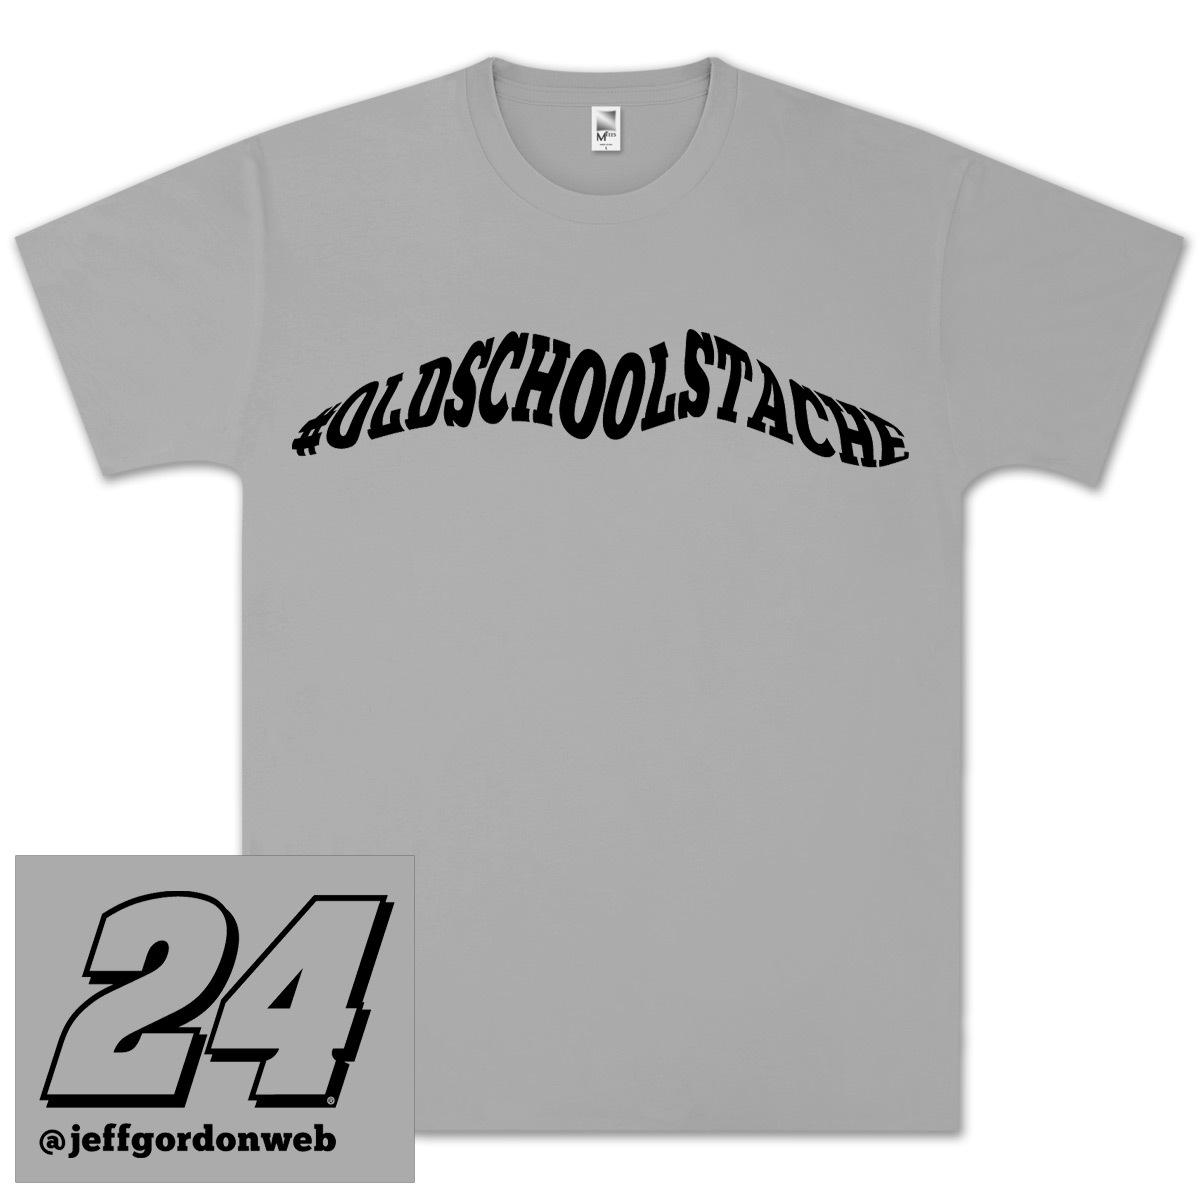 Jeff Gordon #OldSchoolStache T-shirt - EXCLUSIVE!